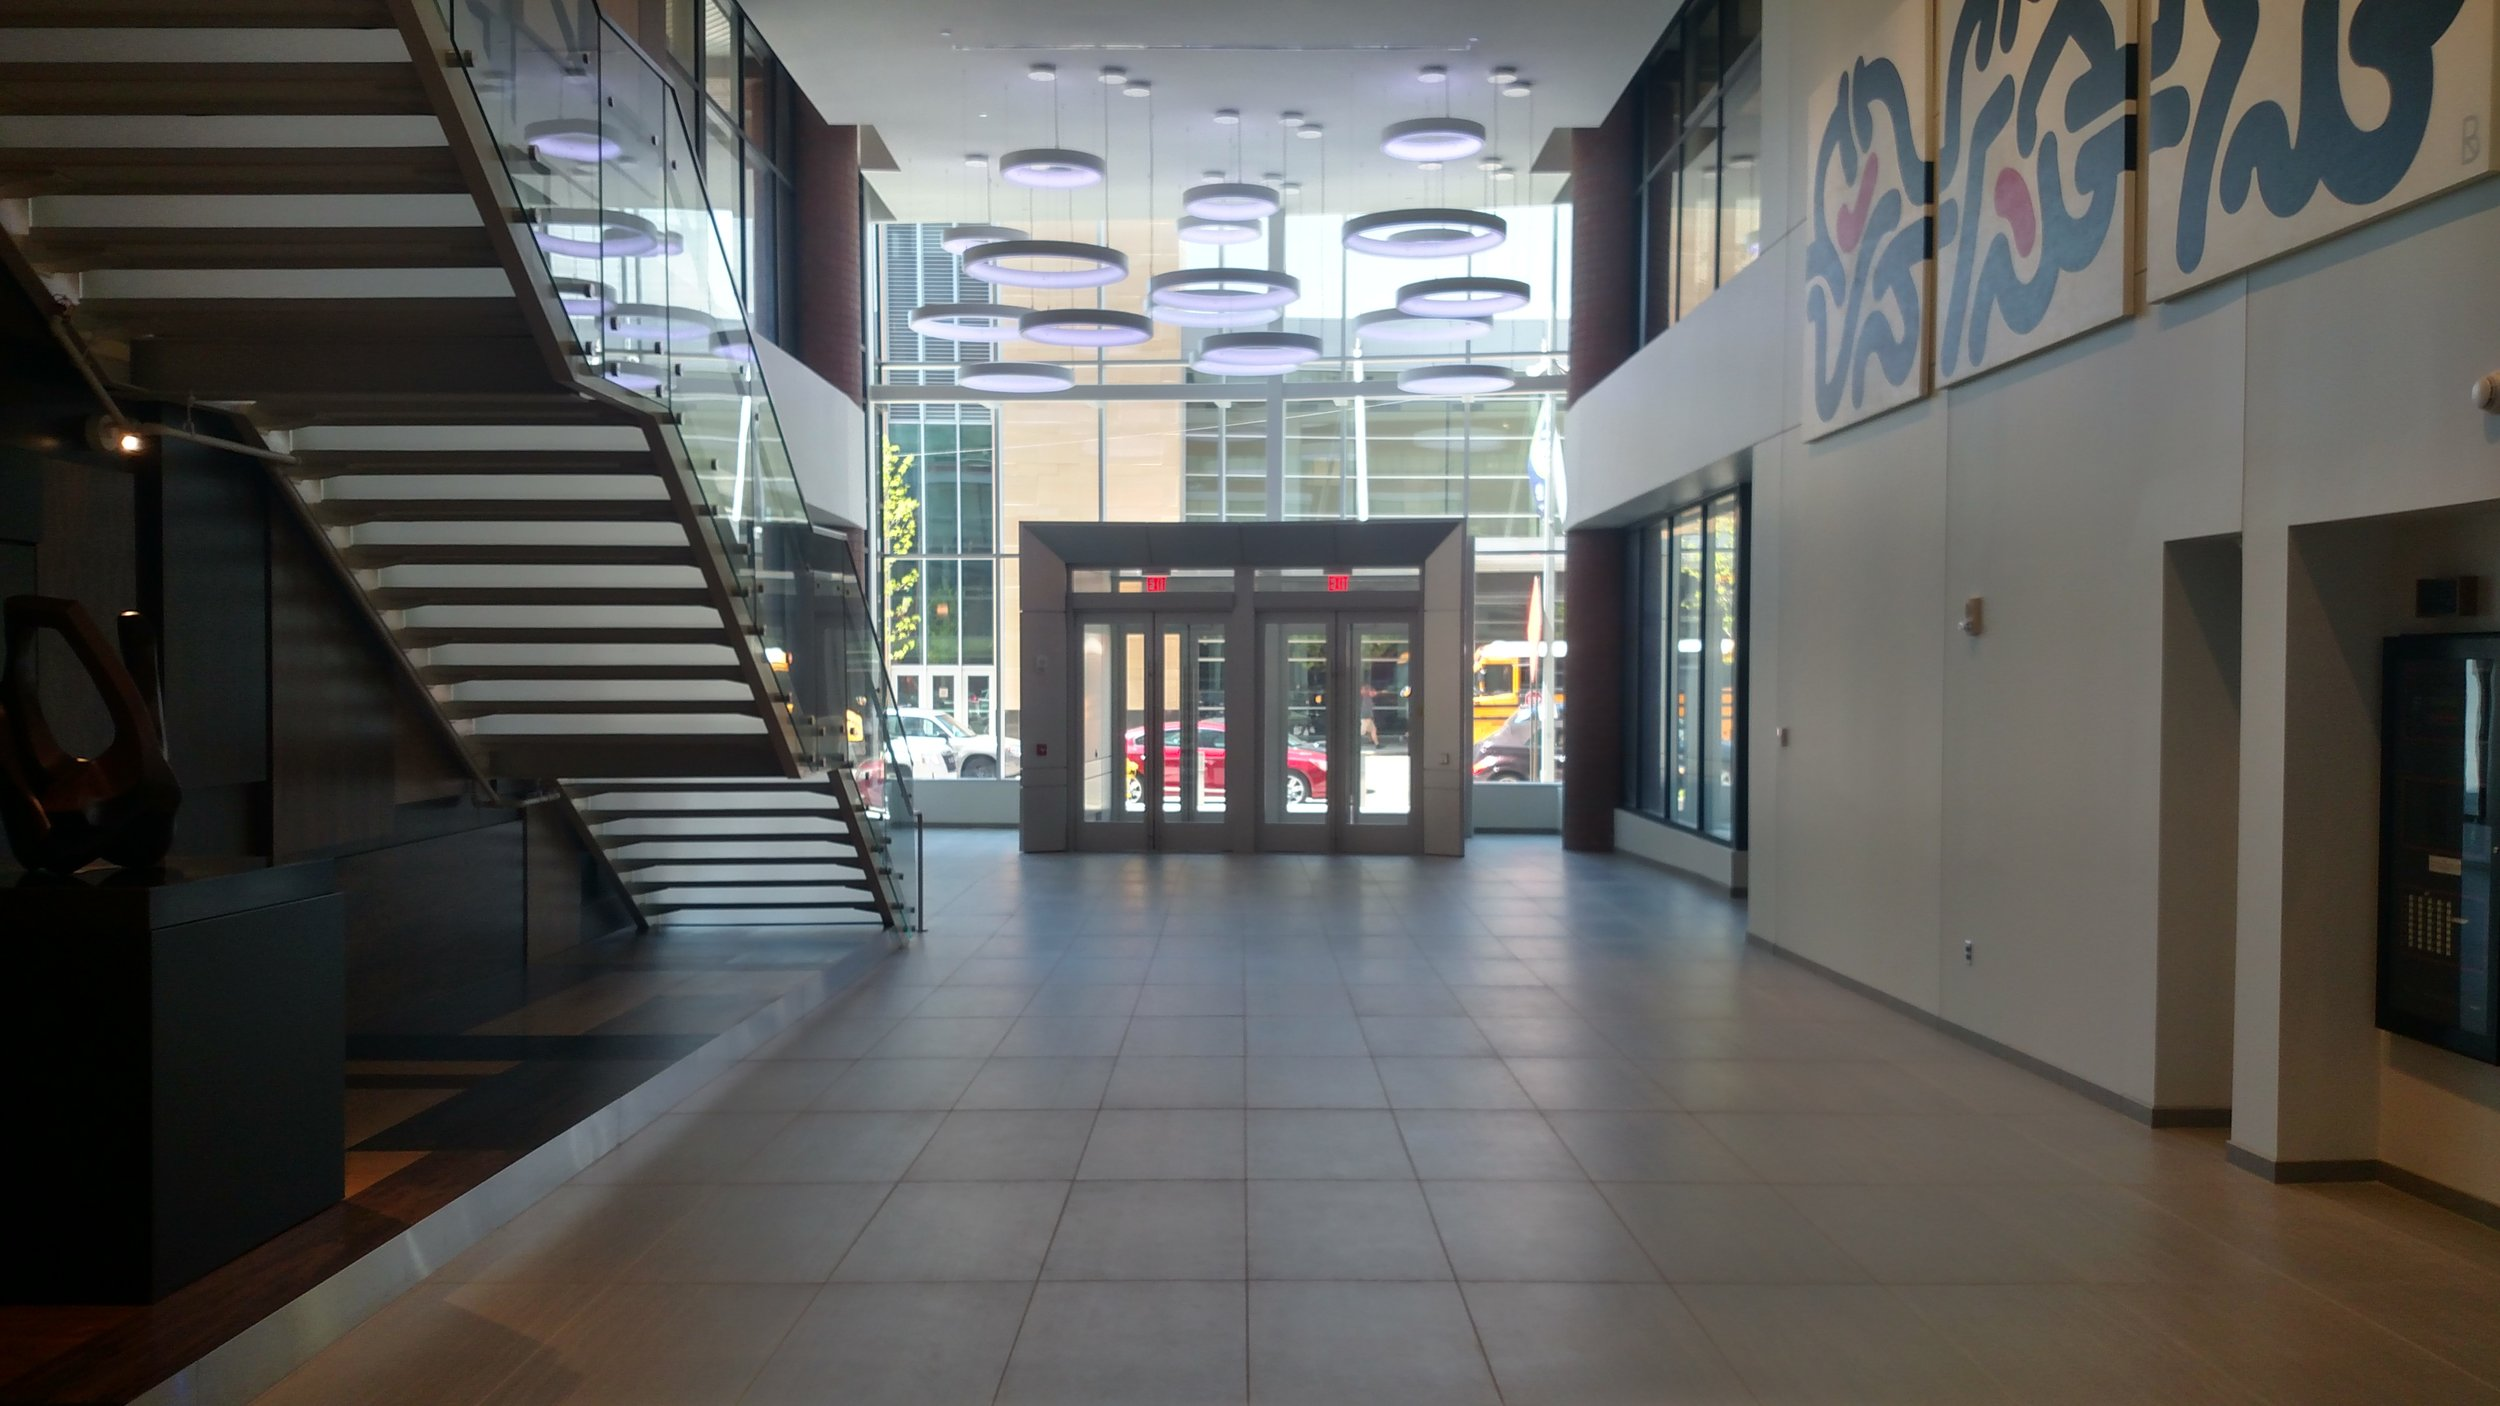 250 - Main Lobby Shot 2.jpg